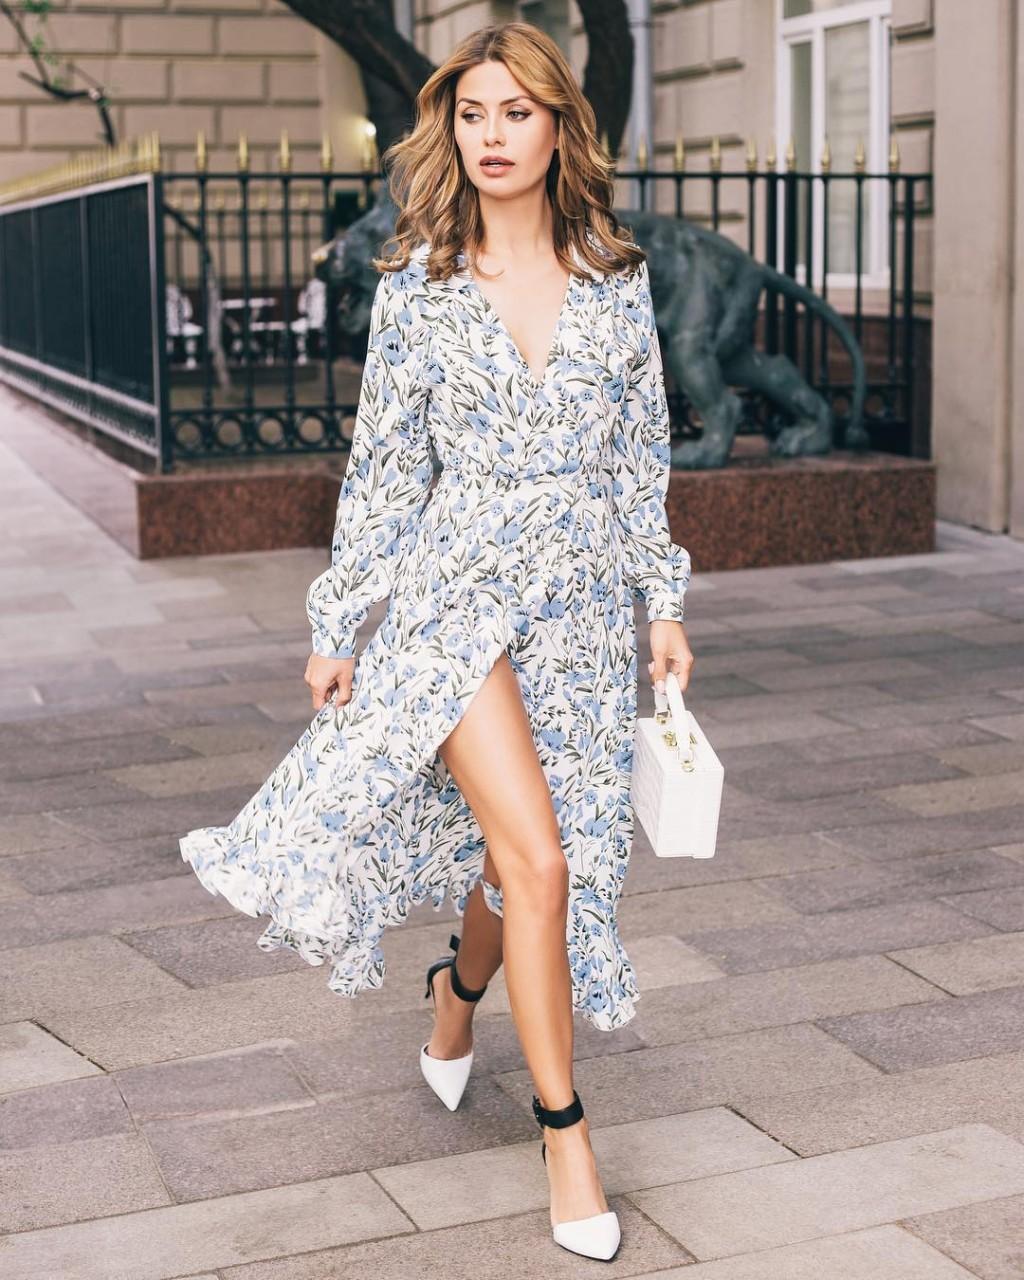 Как летом выглядеть стильно и шикарно — образы с платьями от модных блогеров лето 2019,мода,образ,Советы,Стиль,тенденции,уличная мода